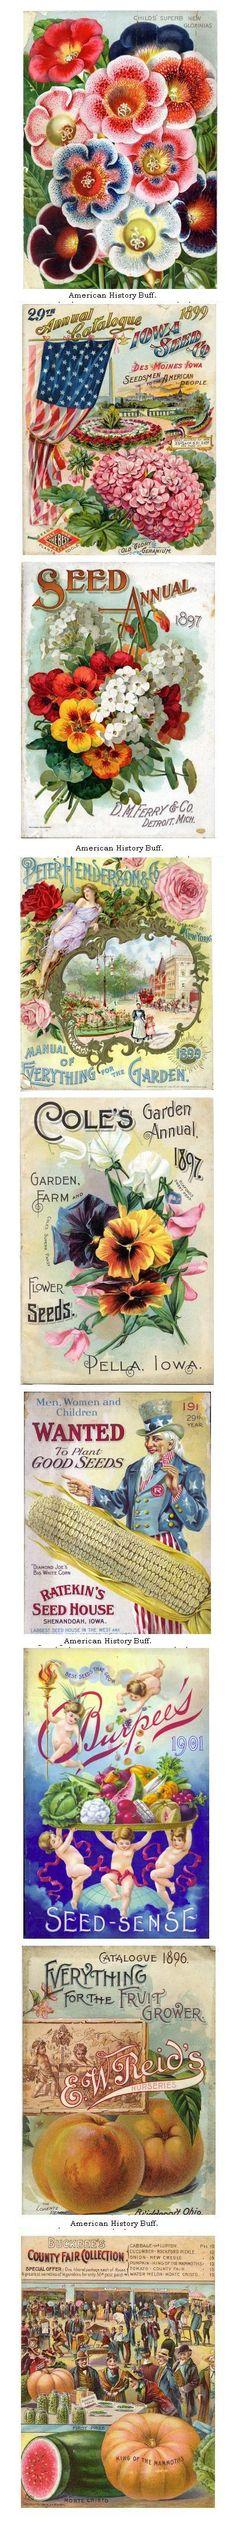 Vintage seed packs